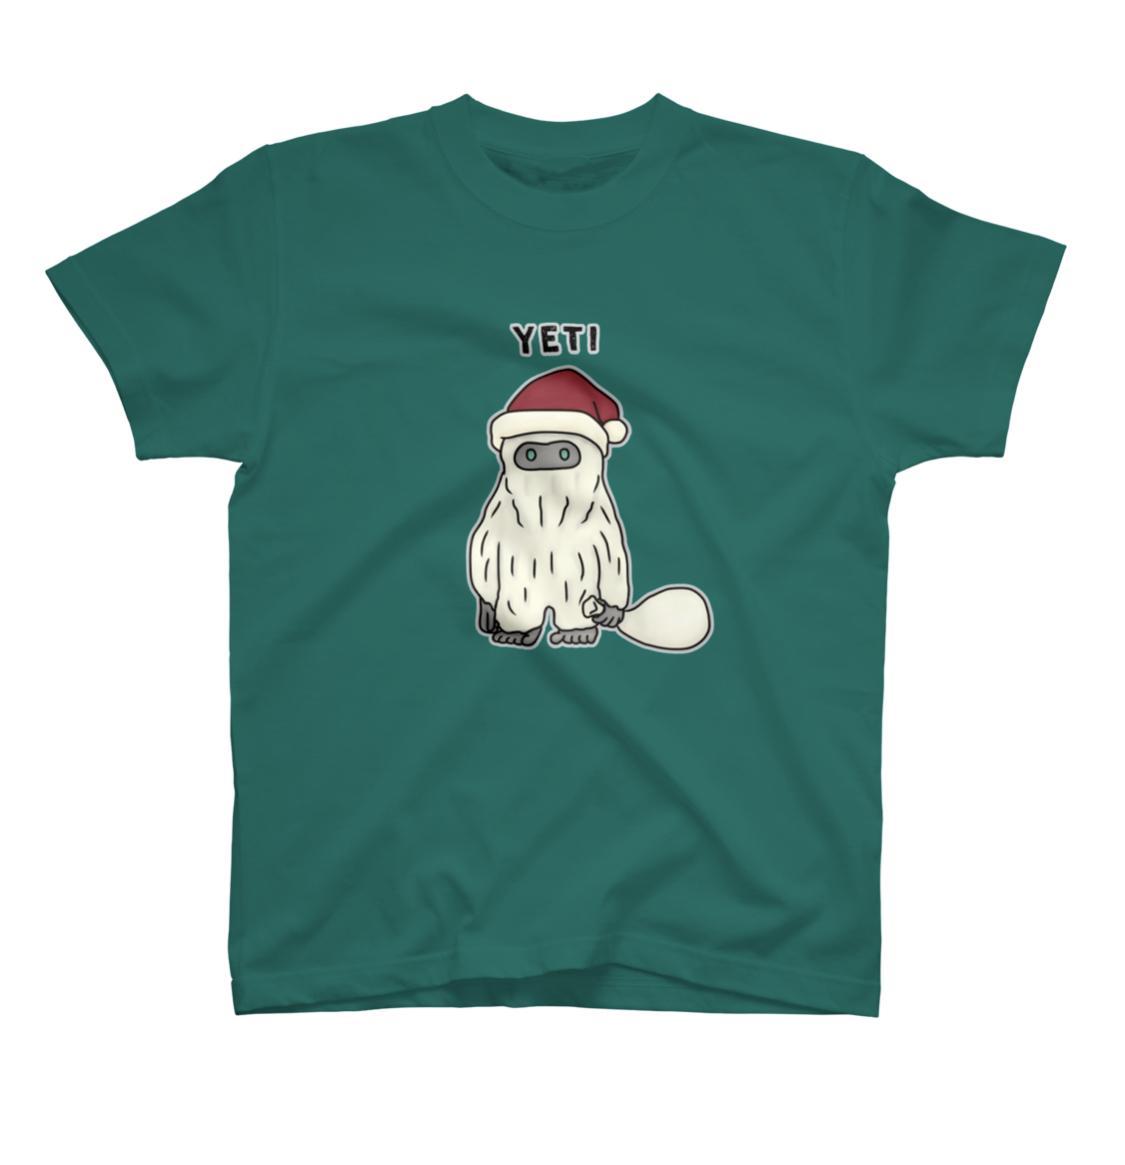 クリスマス・ハロウィン・干支Tシャツ